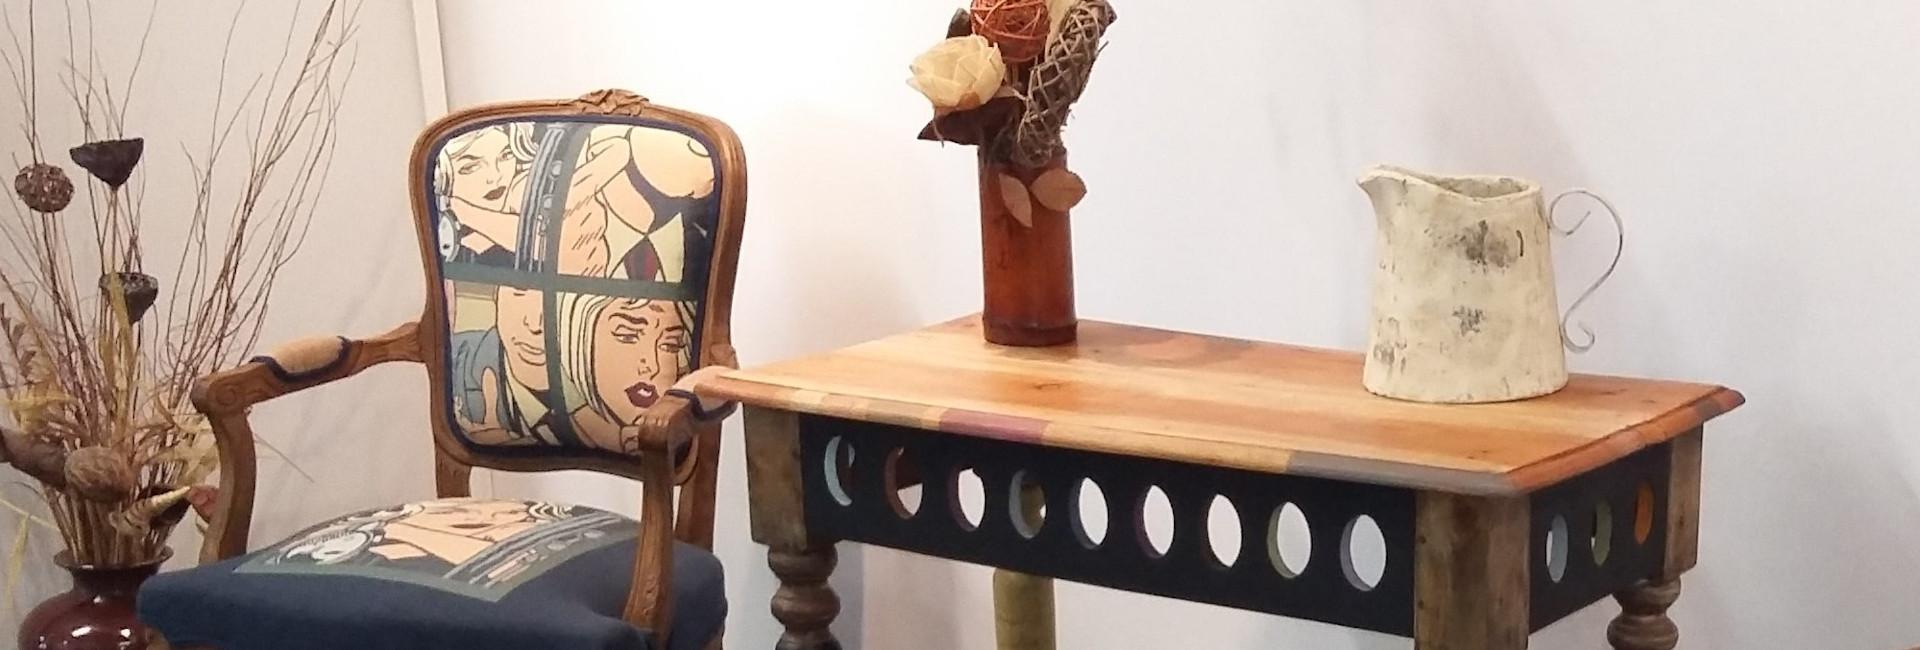 Une restauration à l'ancienne de vos meubles, chaises & fauteuils...